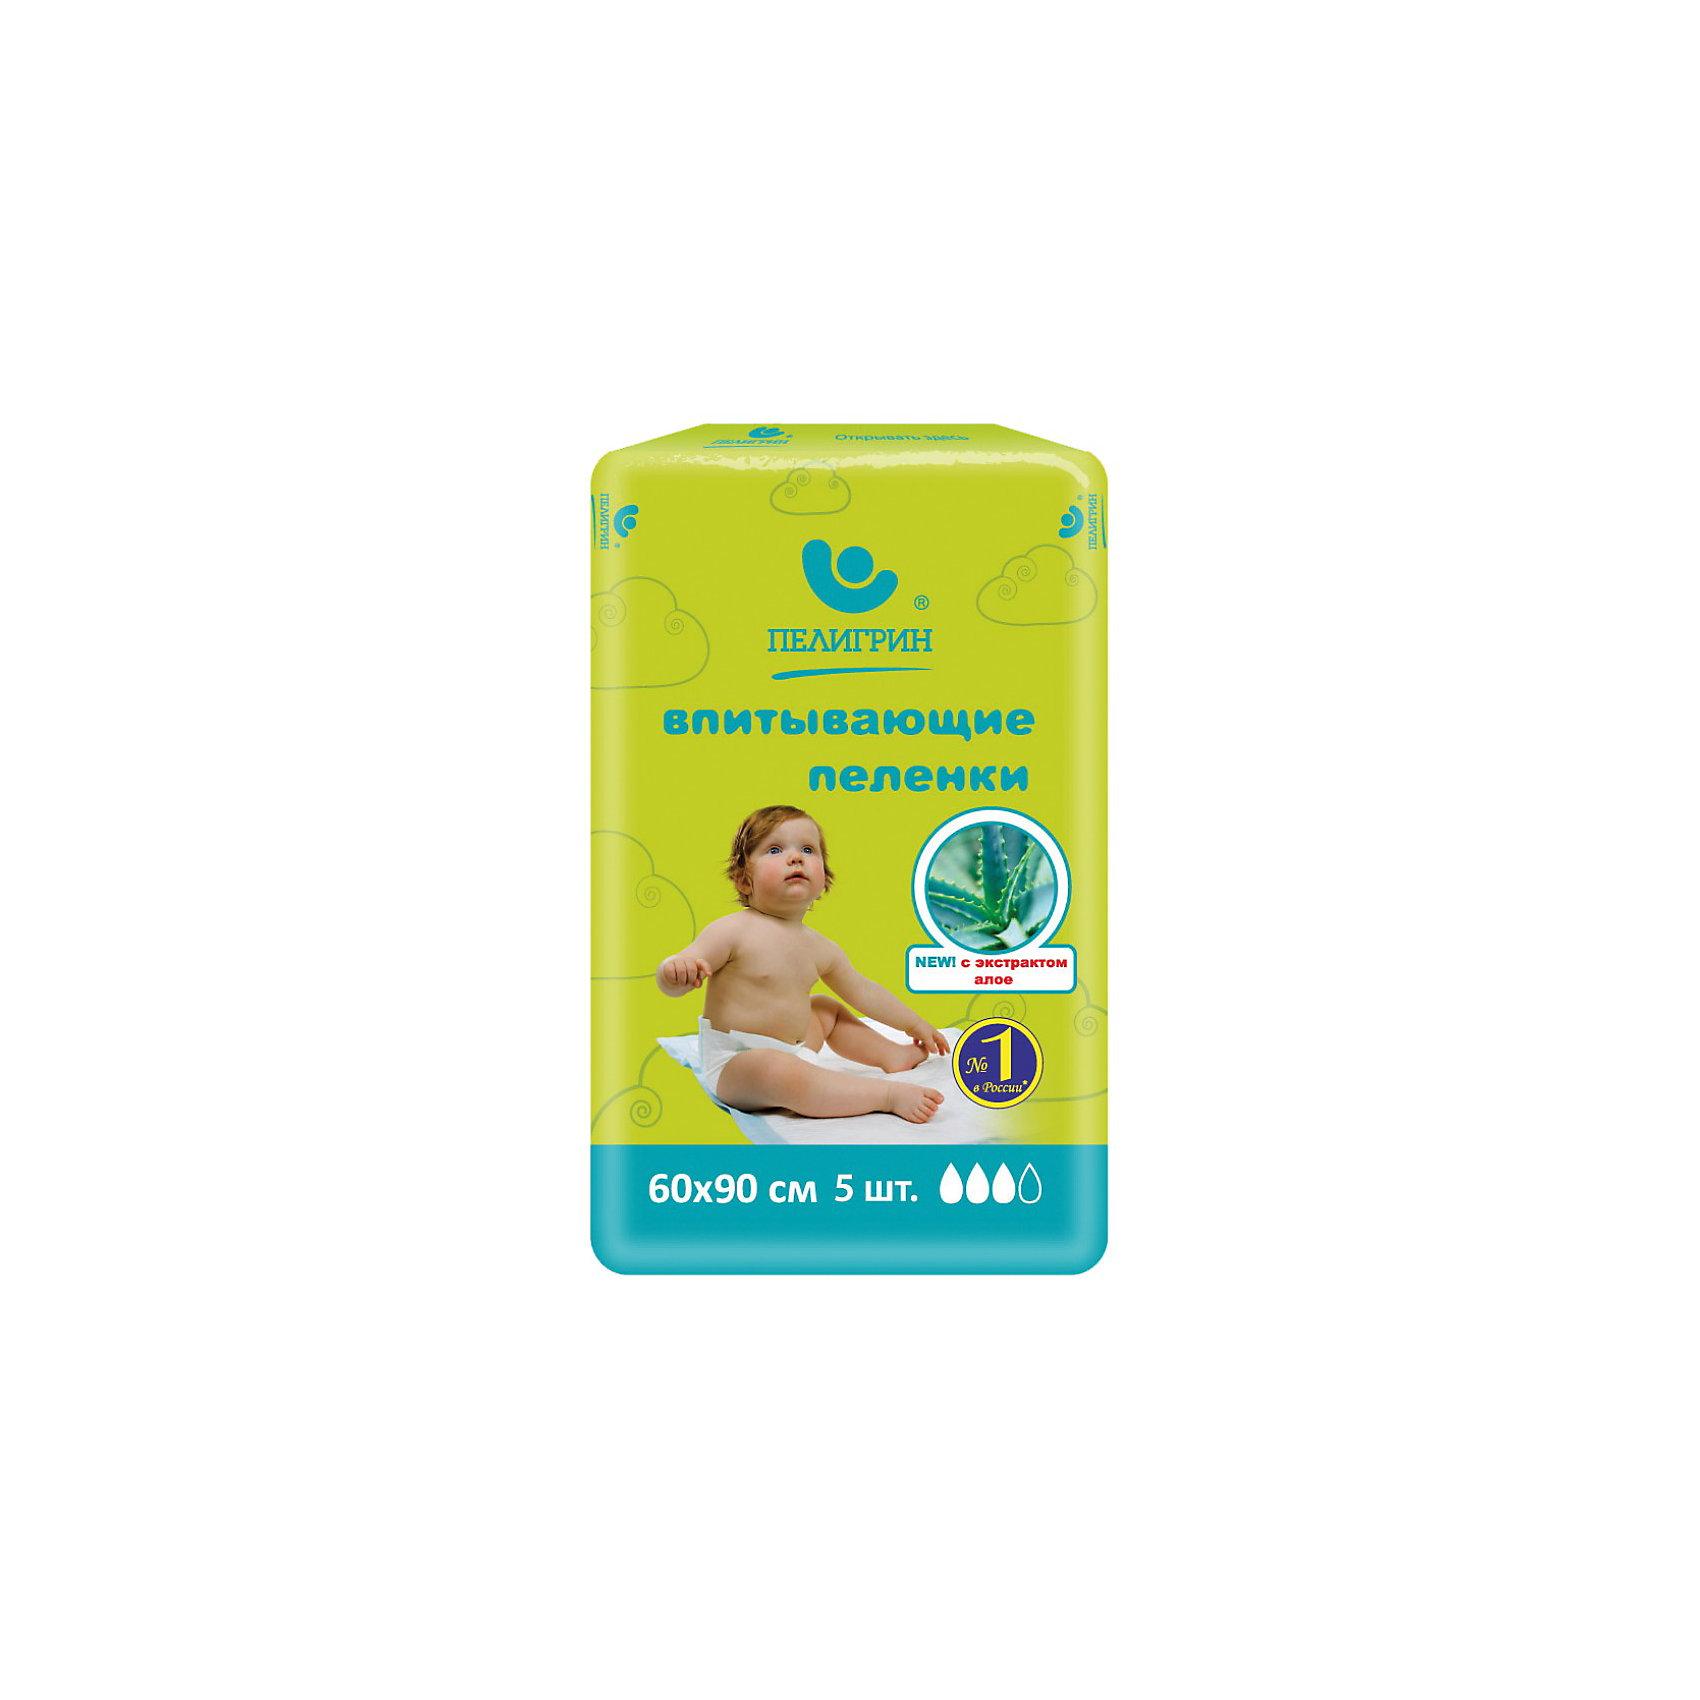 Детские впитывающие пеленки Пелигрин 90х60 см., 5 шт